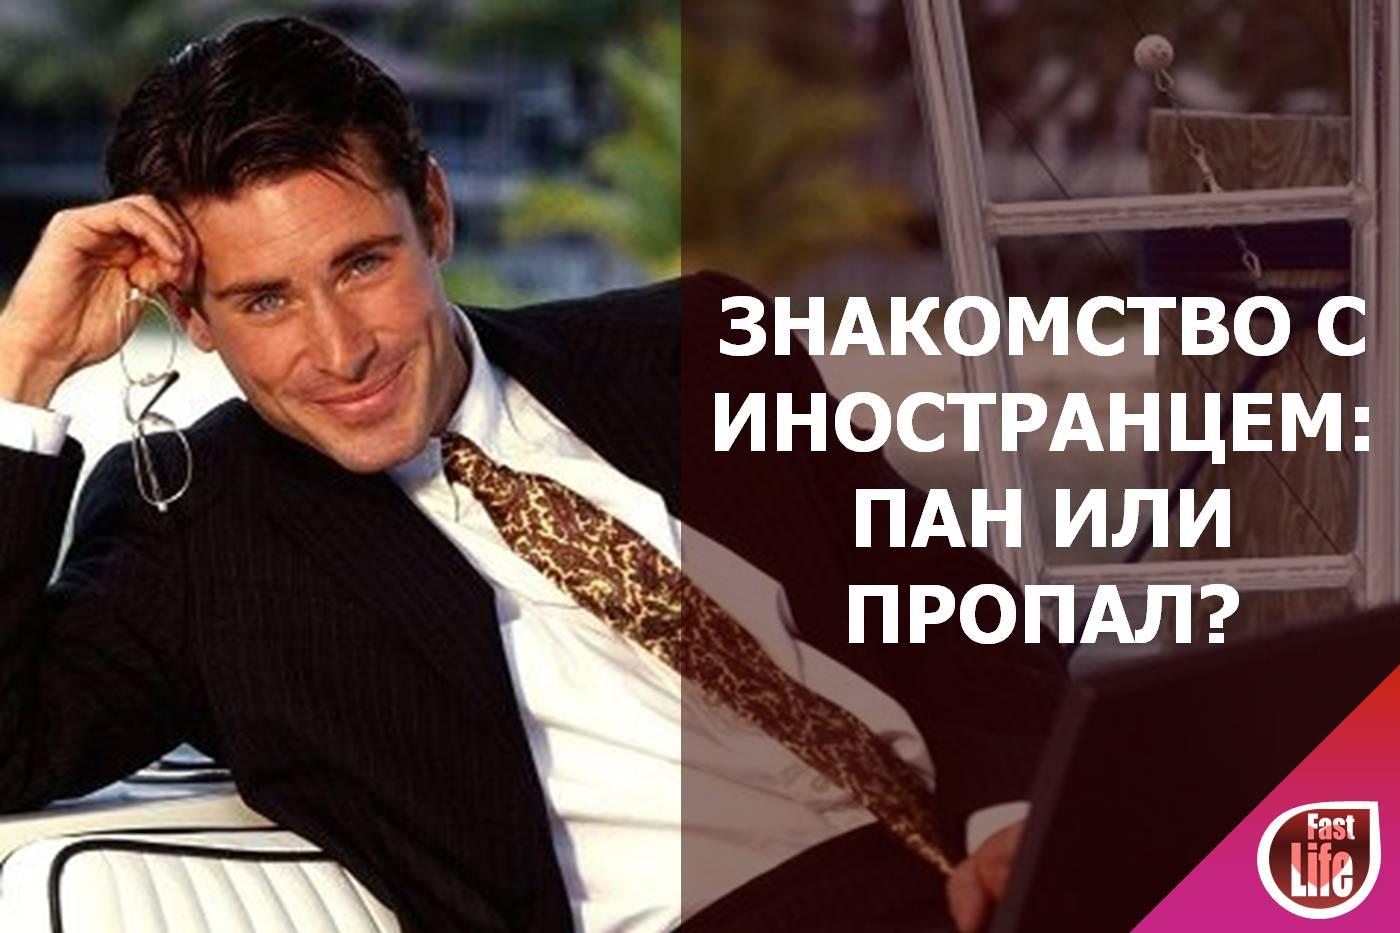 Лучший сайт знакомств для серьезных с иностранцами